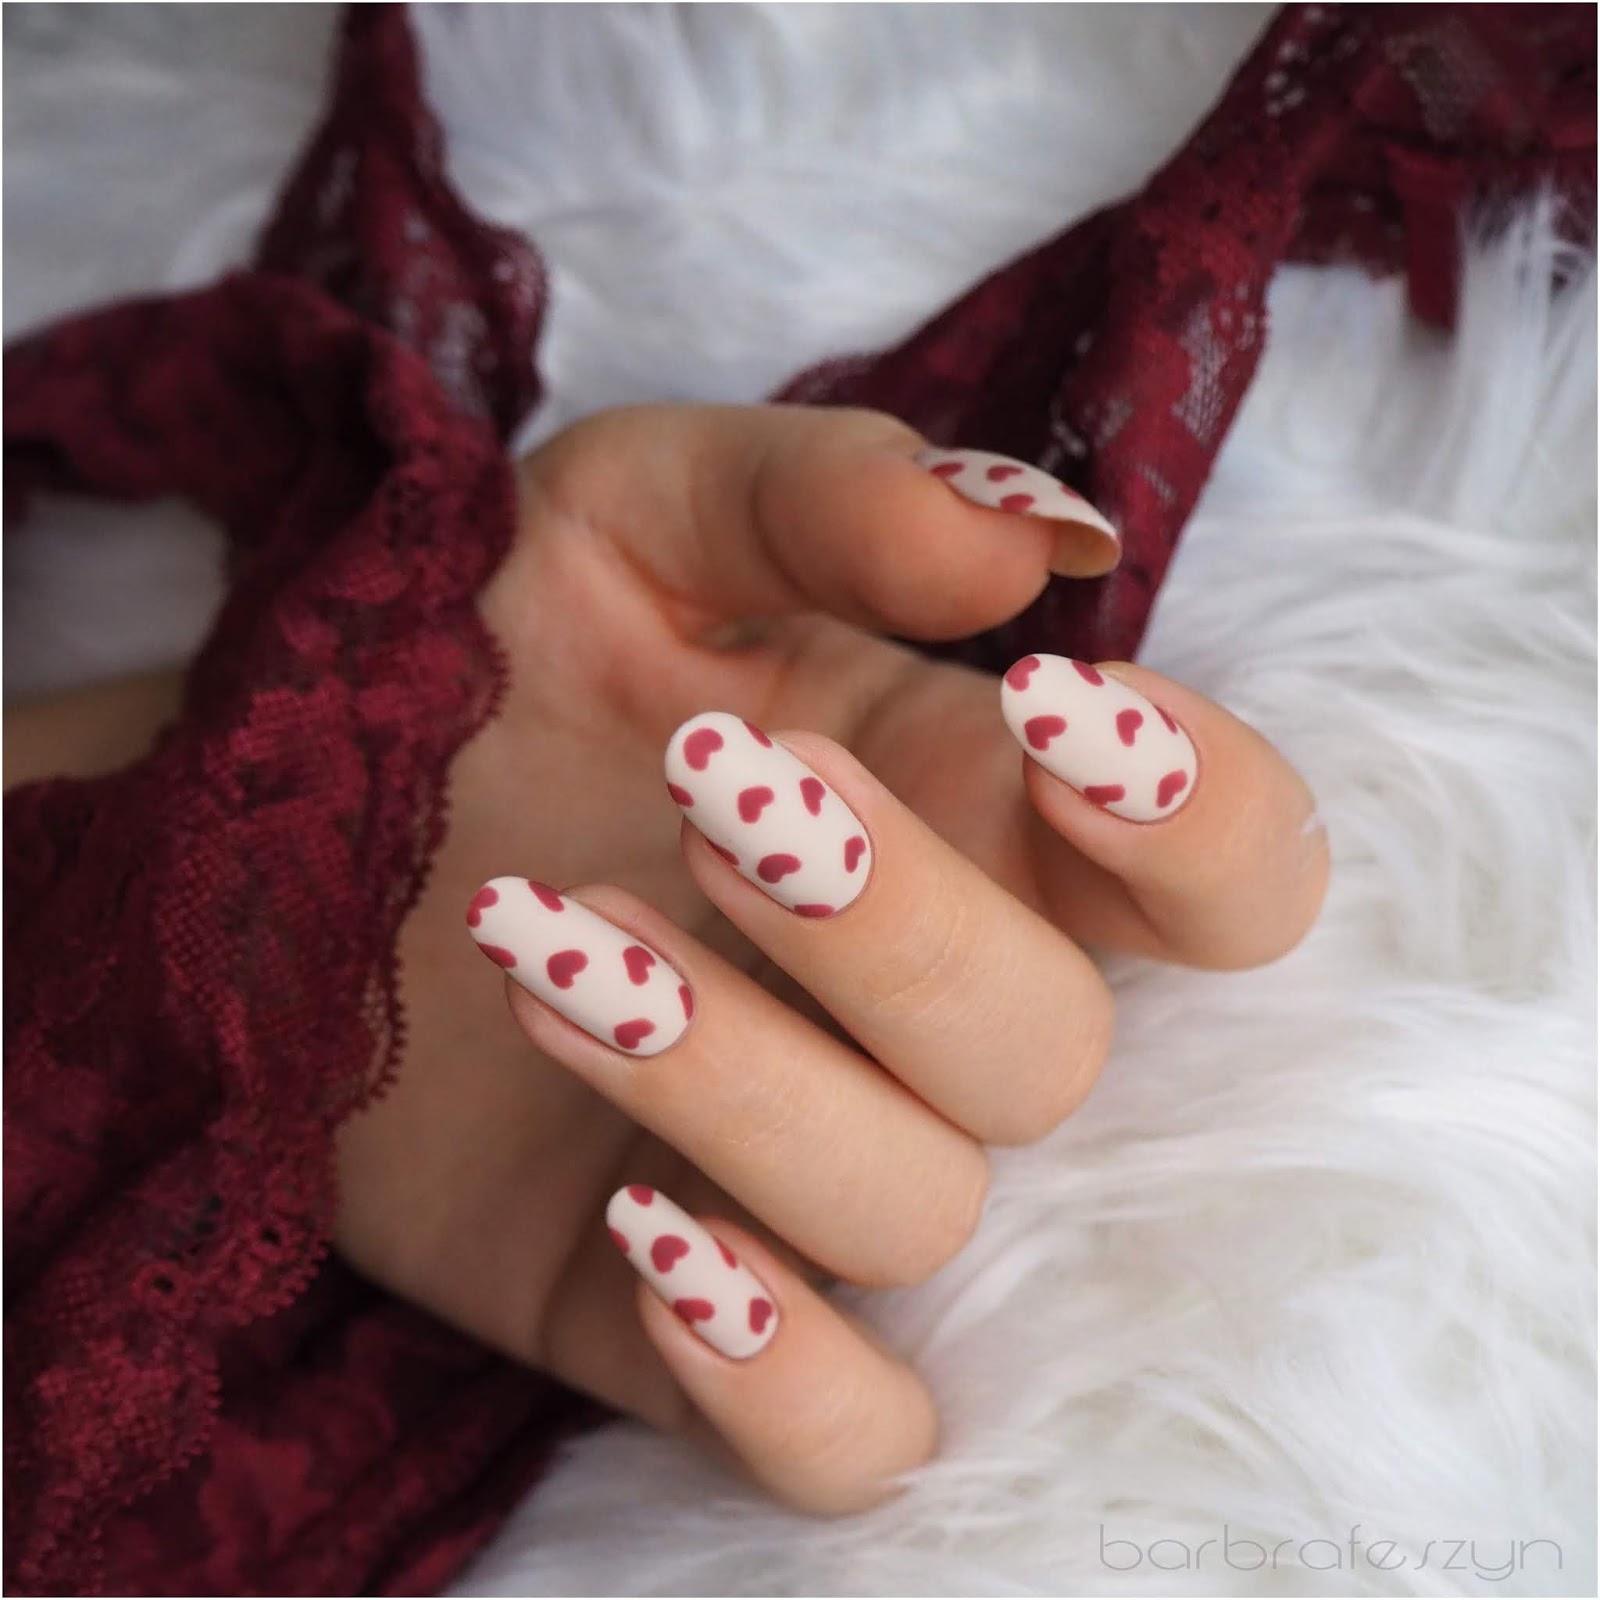 Proste Walentynkowe Paznokcie Ncla Barbrafeszyn Blog O